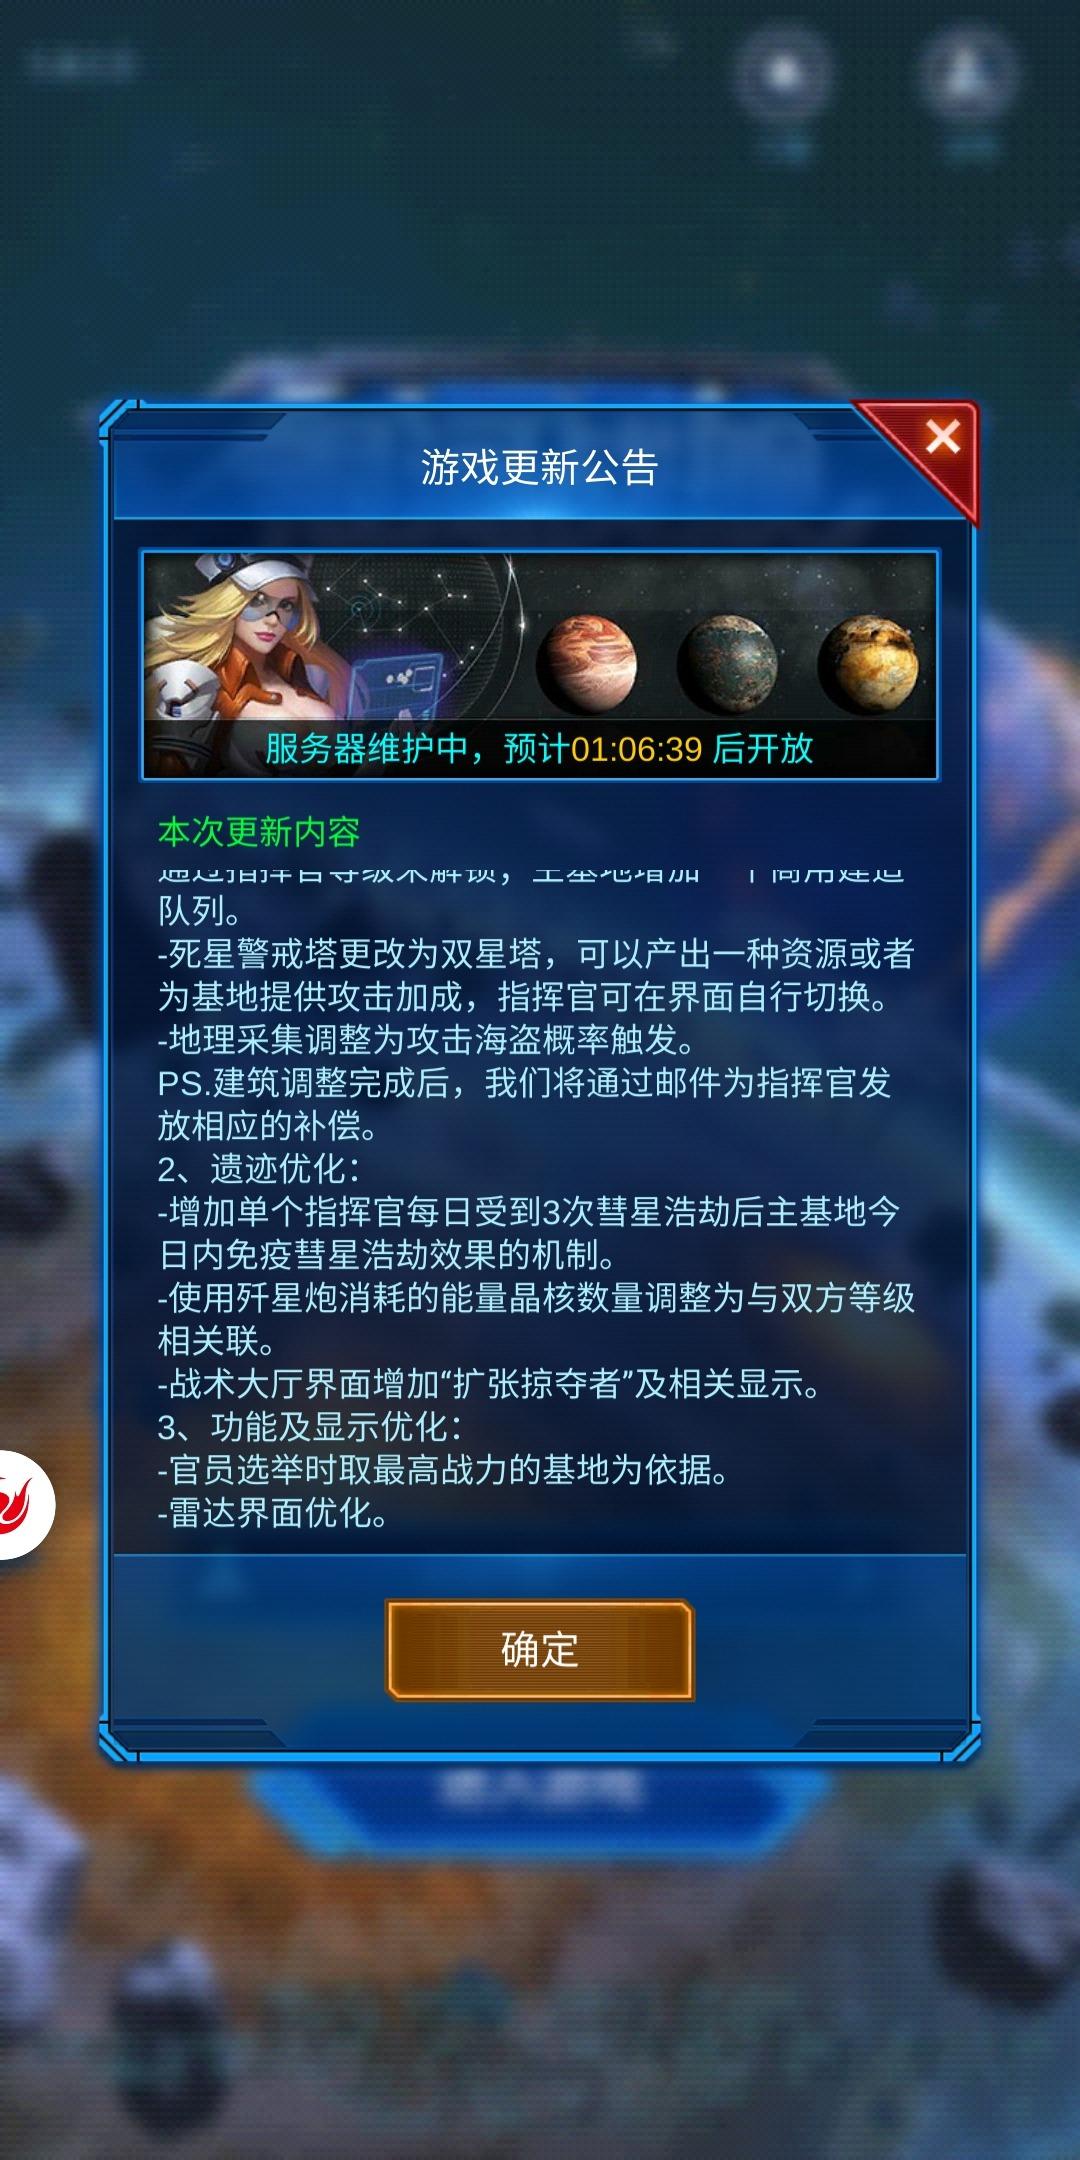 Screenshot_20200227_085322_com.yhzj.jedi.yueqiu.jpg